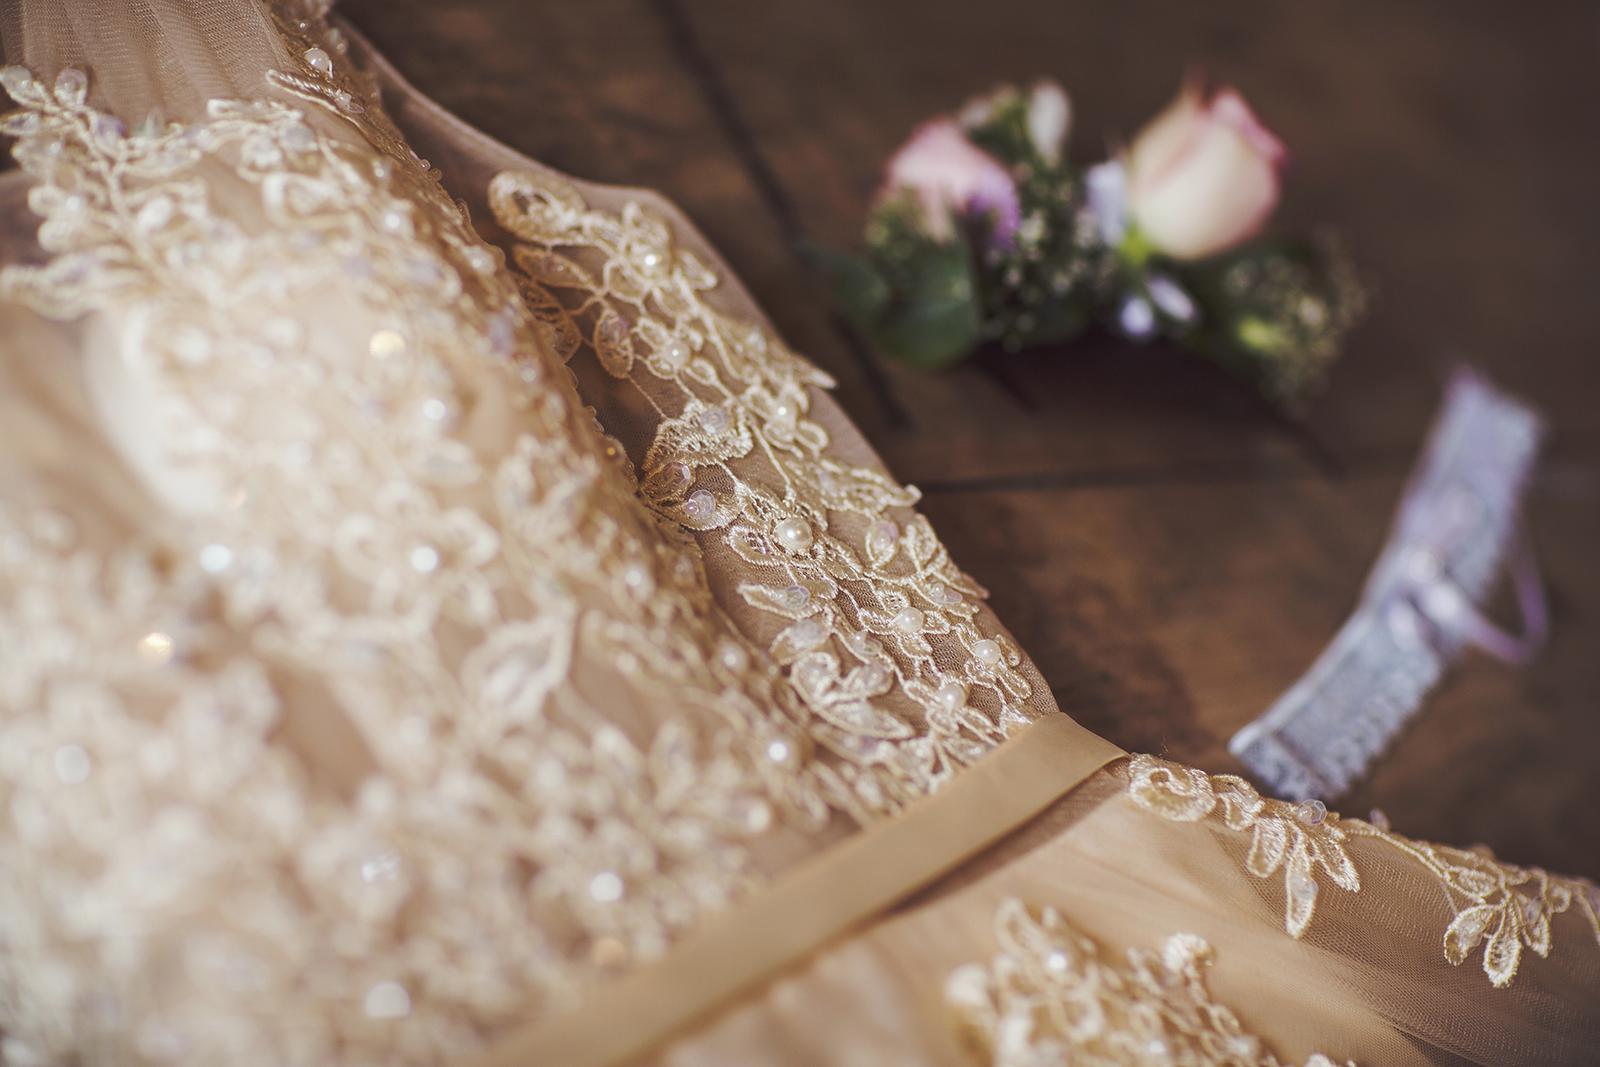 Svatba Krkonose - Obrázek č. 14